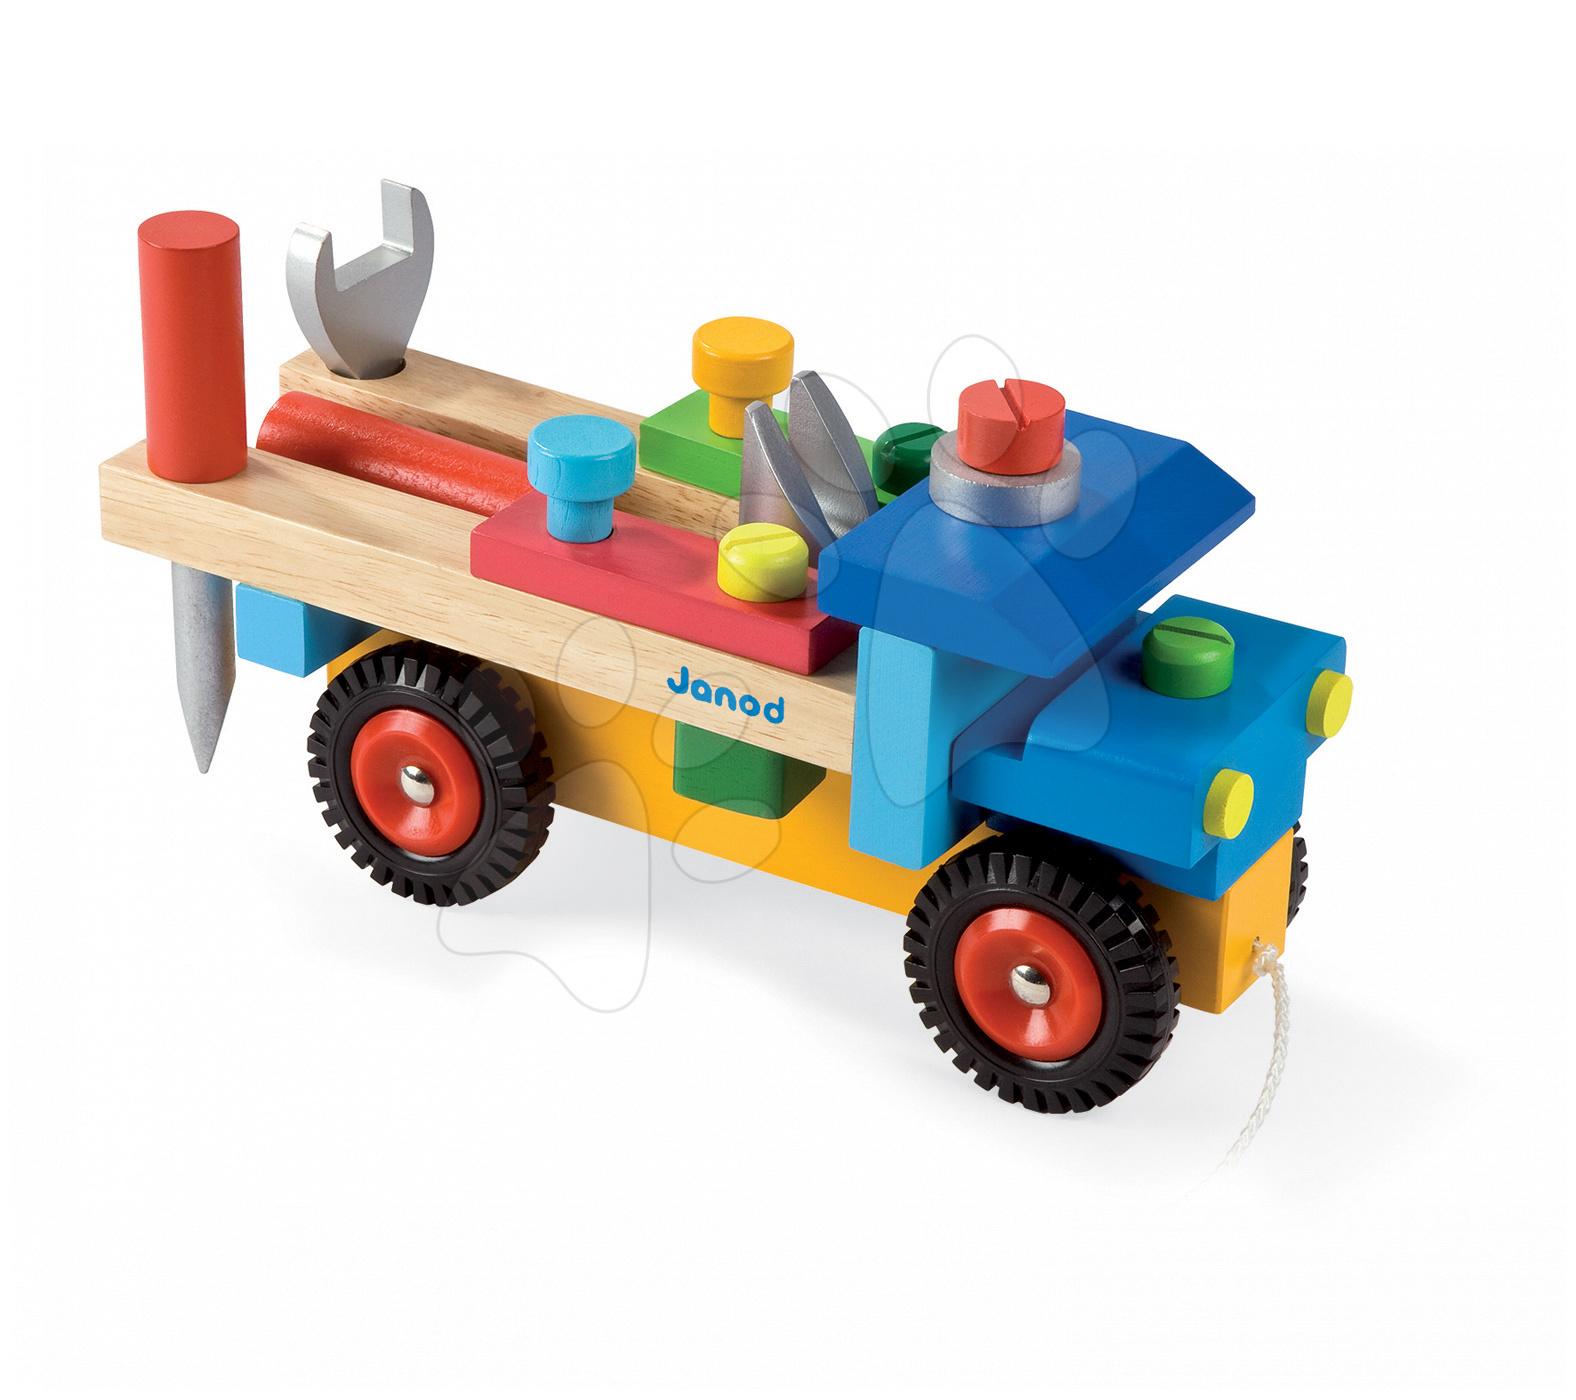 Dřevěná stavebnice auto Redmaster Bricolo Janod s nářadím 17 dílů od 24 měsíců